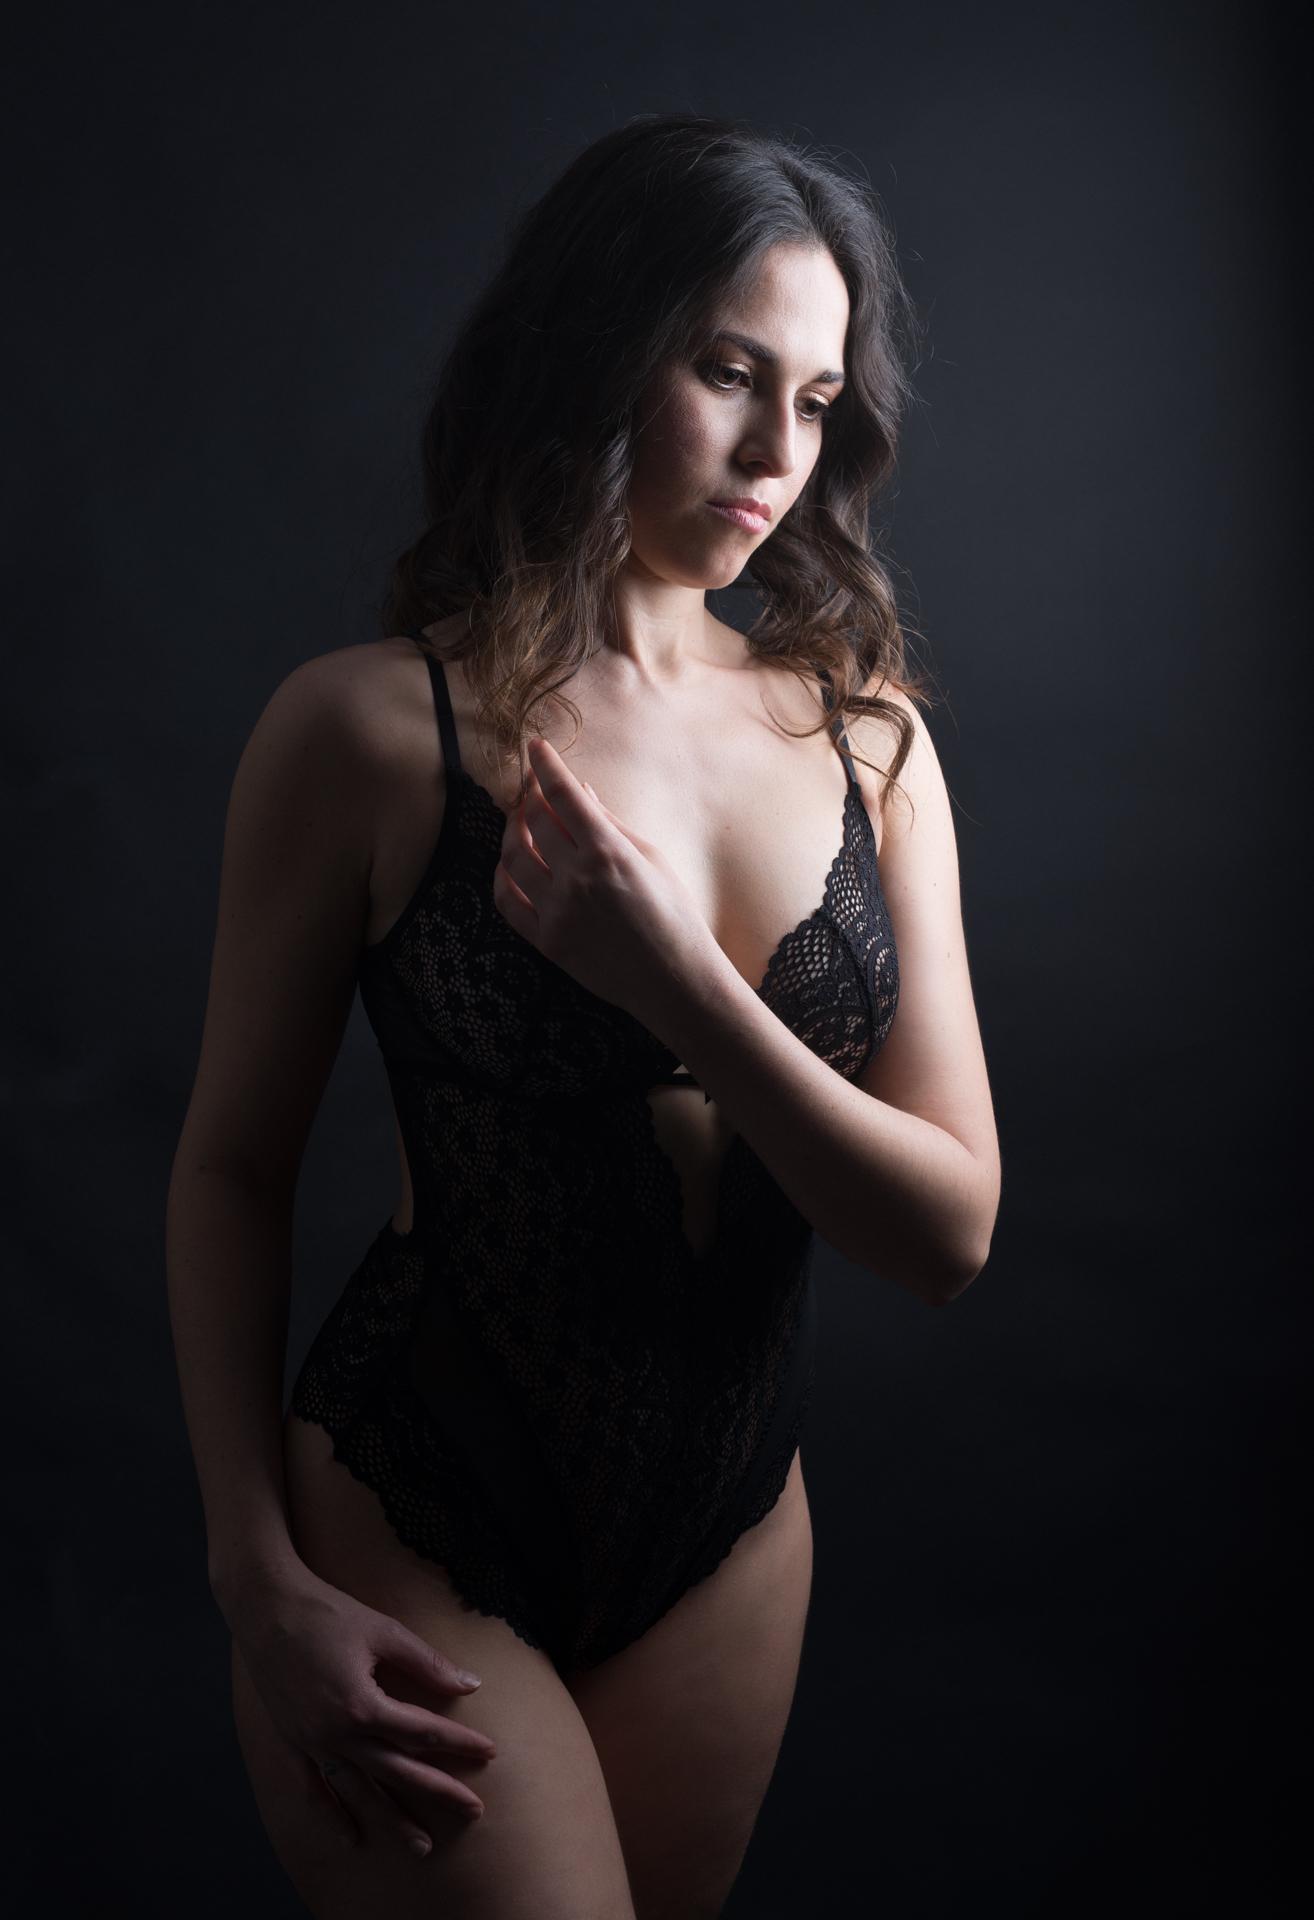 Photographe-boudoir-glamour-aix-en-provence-marseille-pertuis